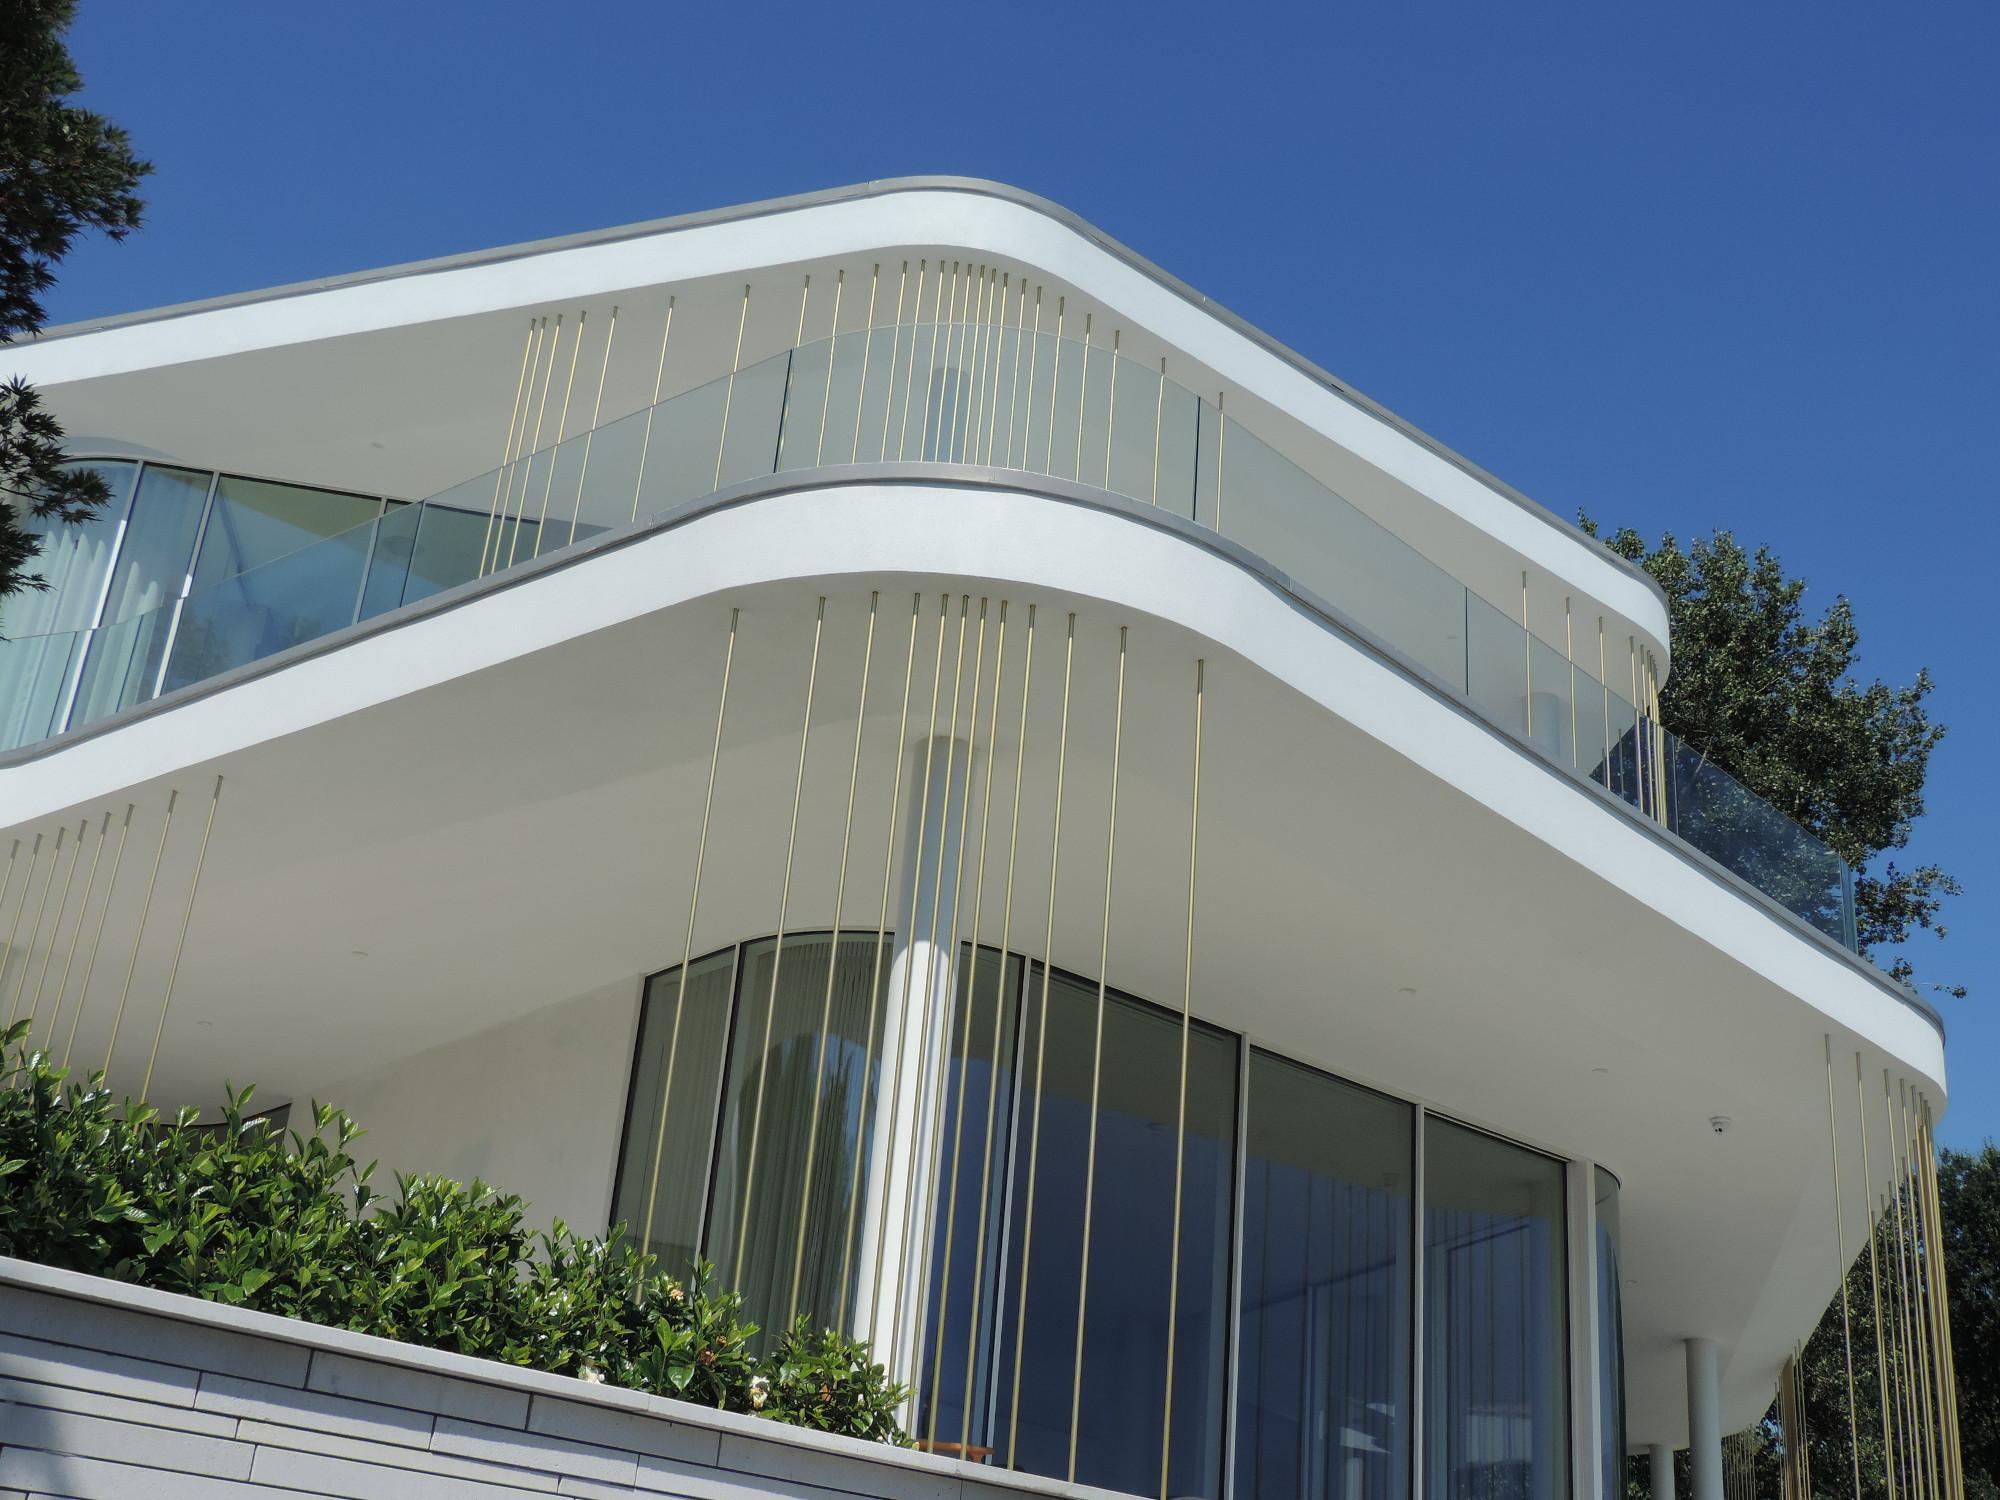 0718_RobertoManzetti-Architetto-NeuHouse-15